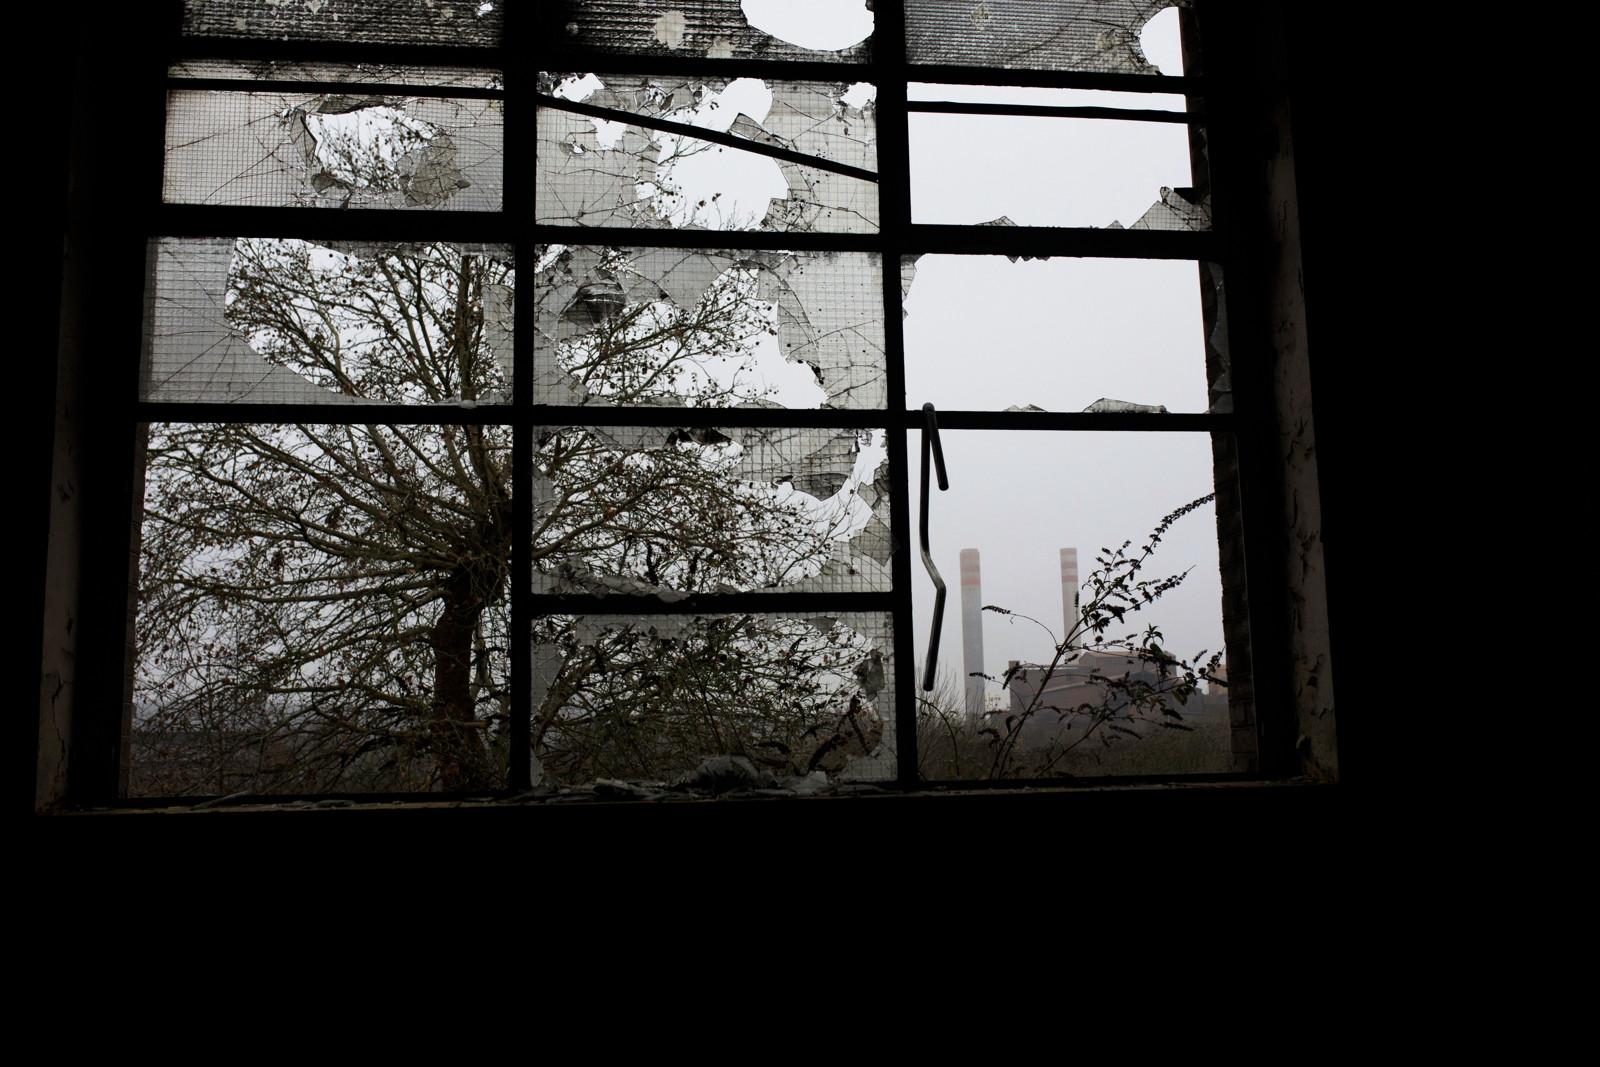 Intérieur d'une friche à Rombas. Crédits photo : Laura Wojcik